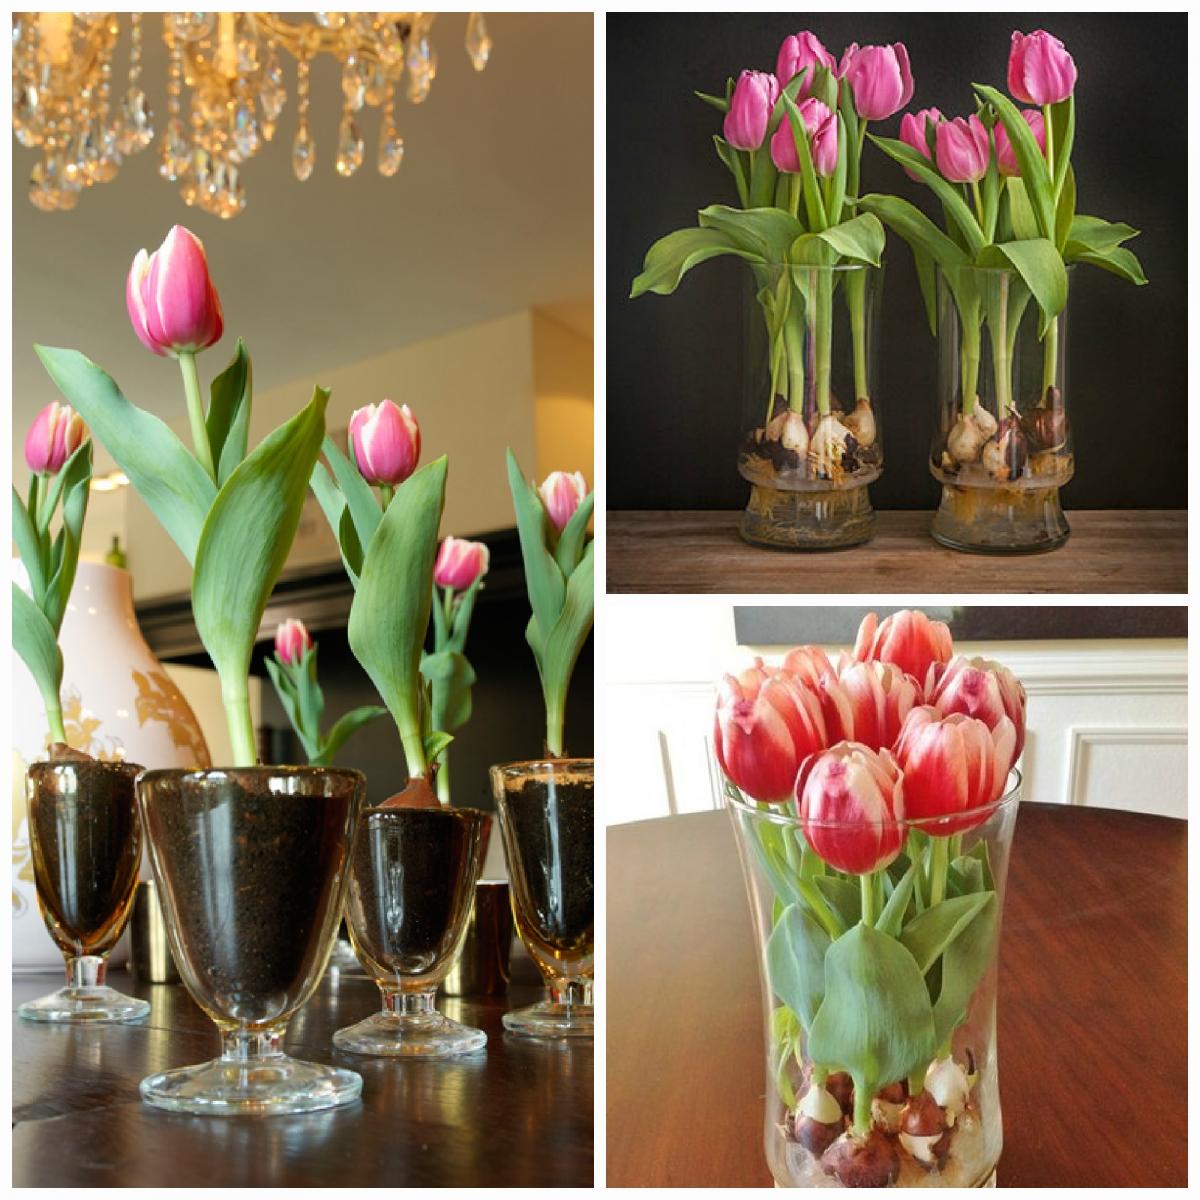 Как вырастить тюльпаны из семян в домашних условиях? 83